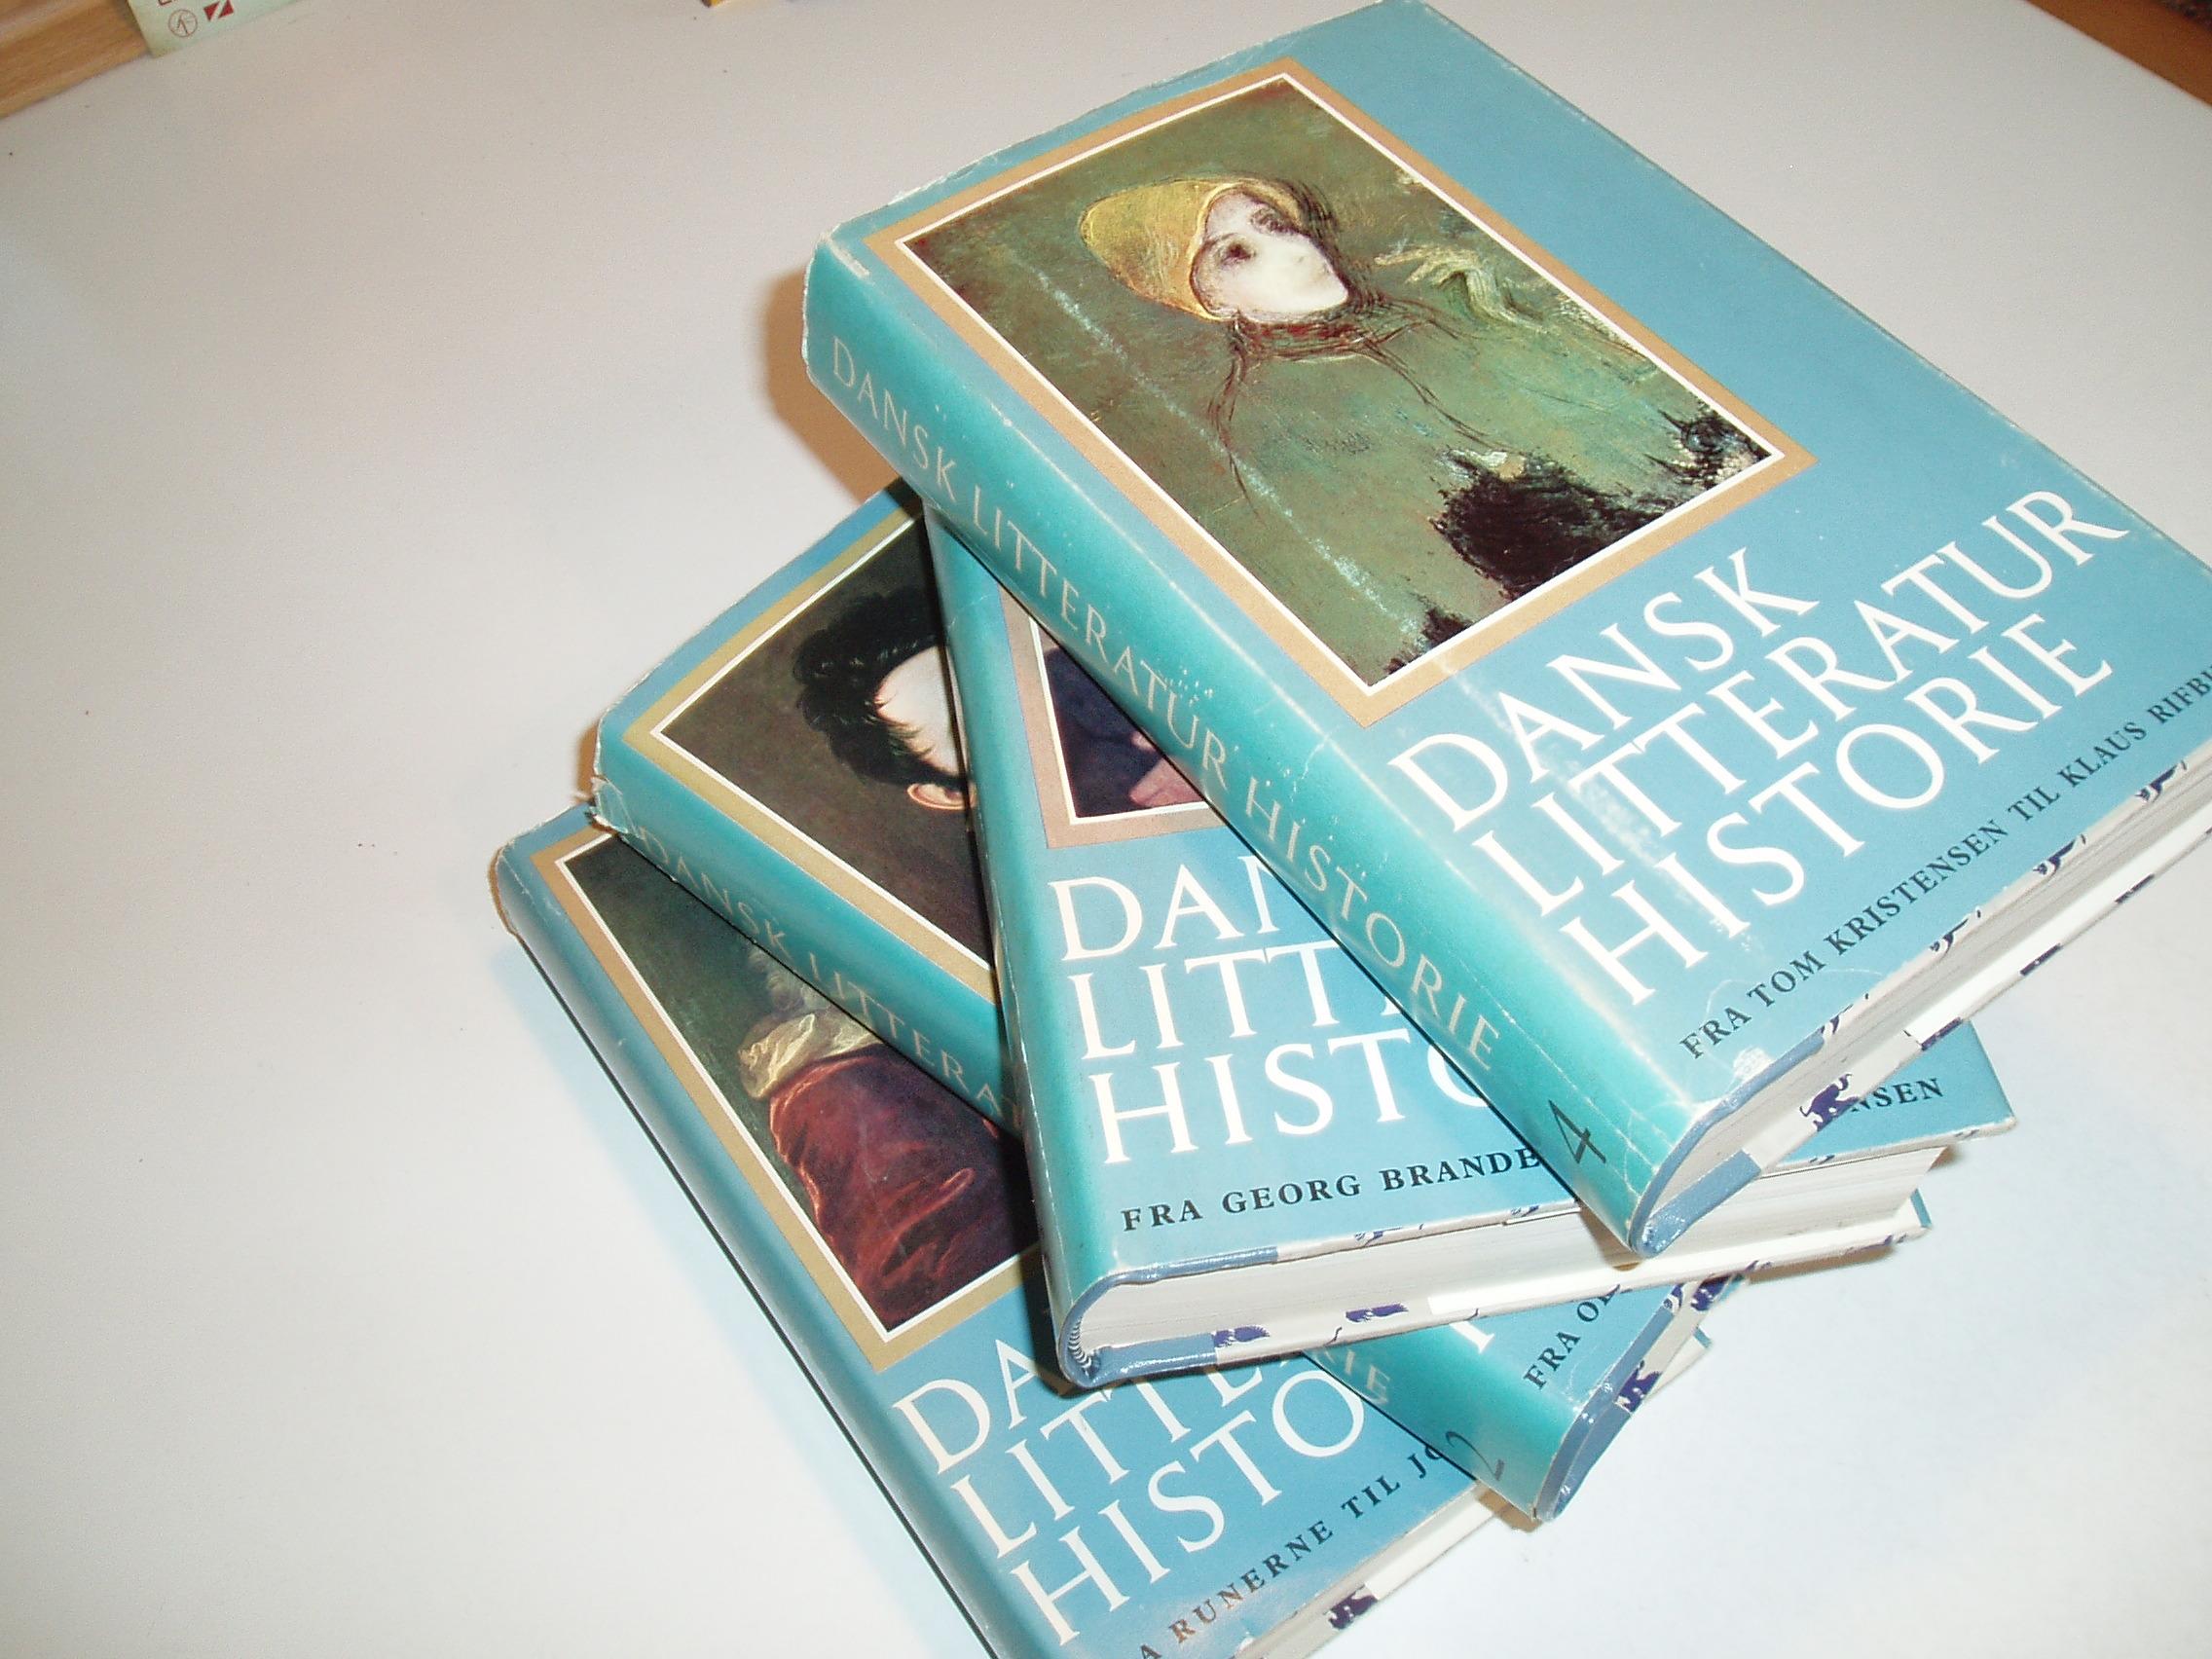 Dansk litteraturhistorie, bind 1-4. Vekslende forfattere. 2. udg